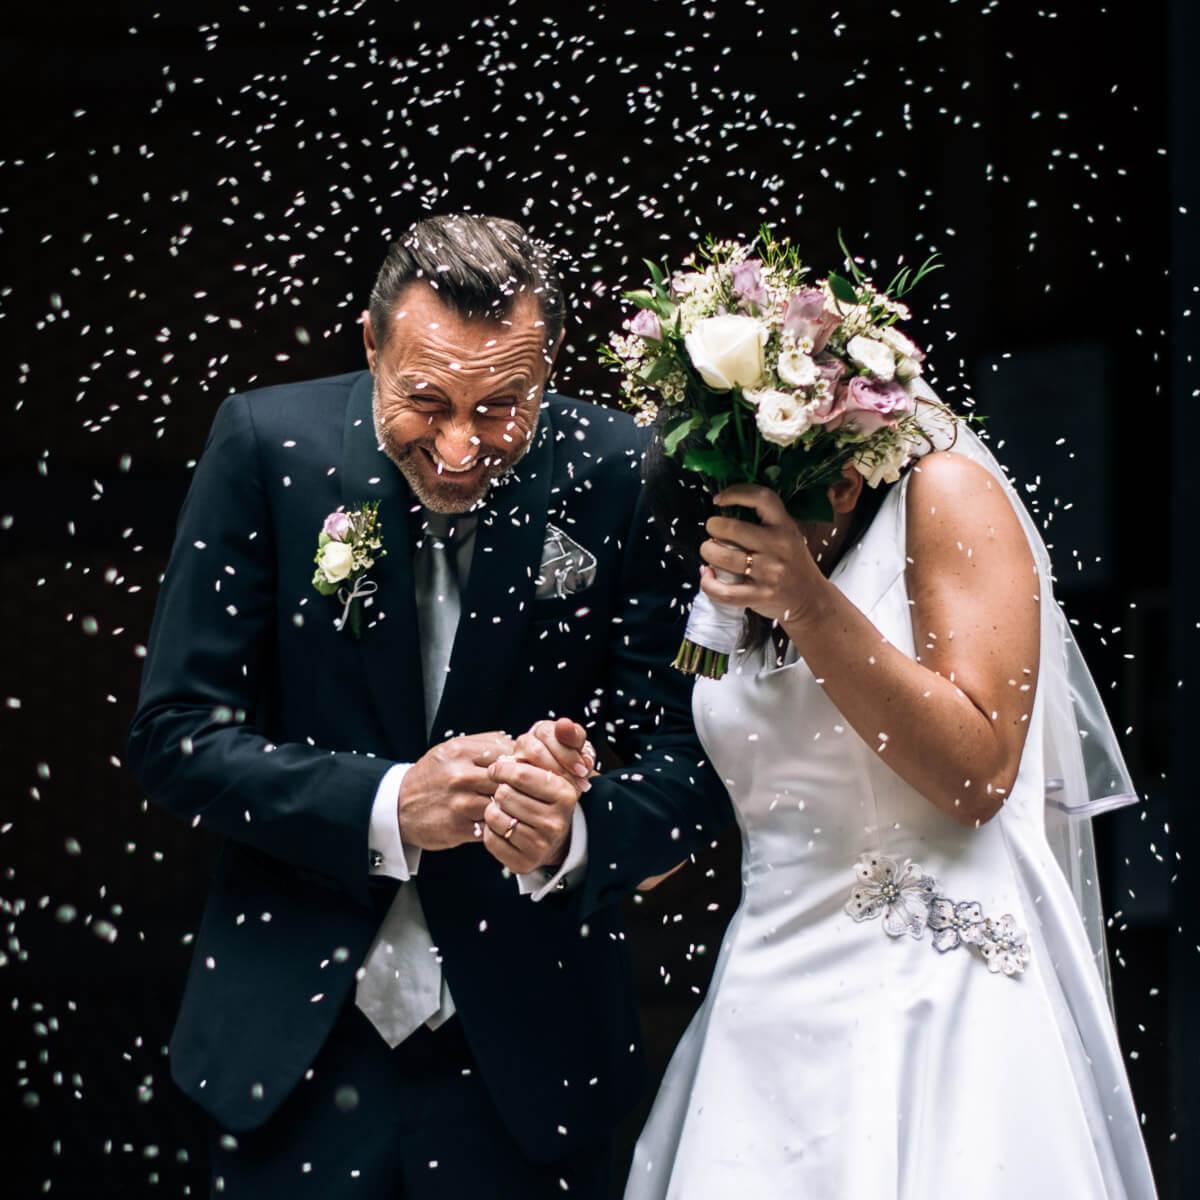 invitati lanciano il riso agli sposi